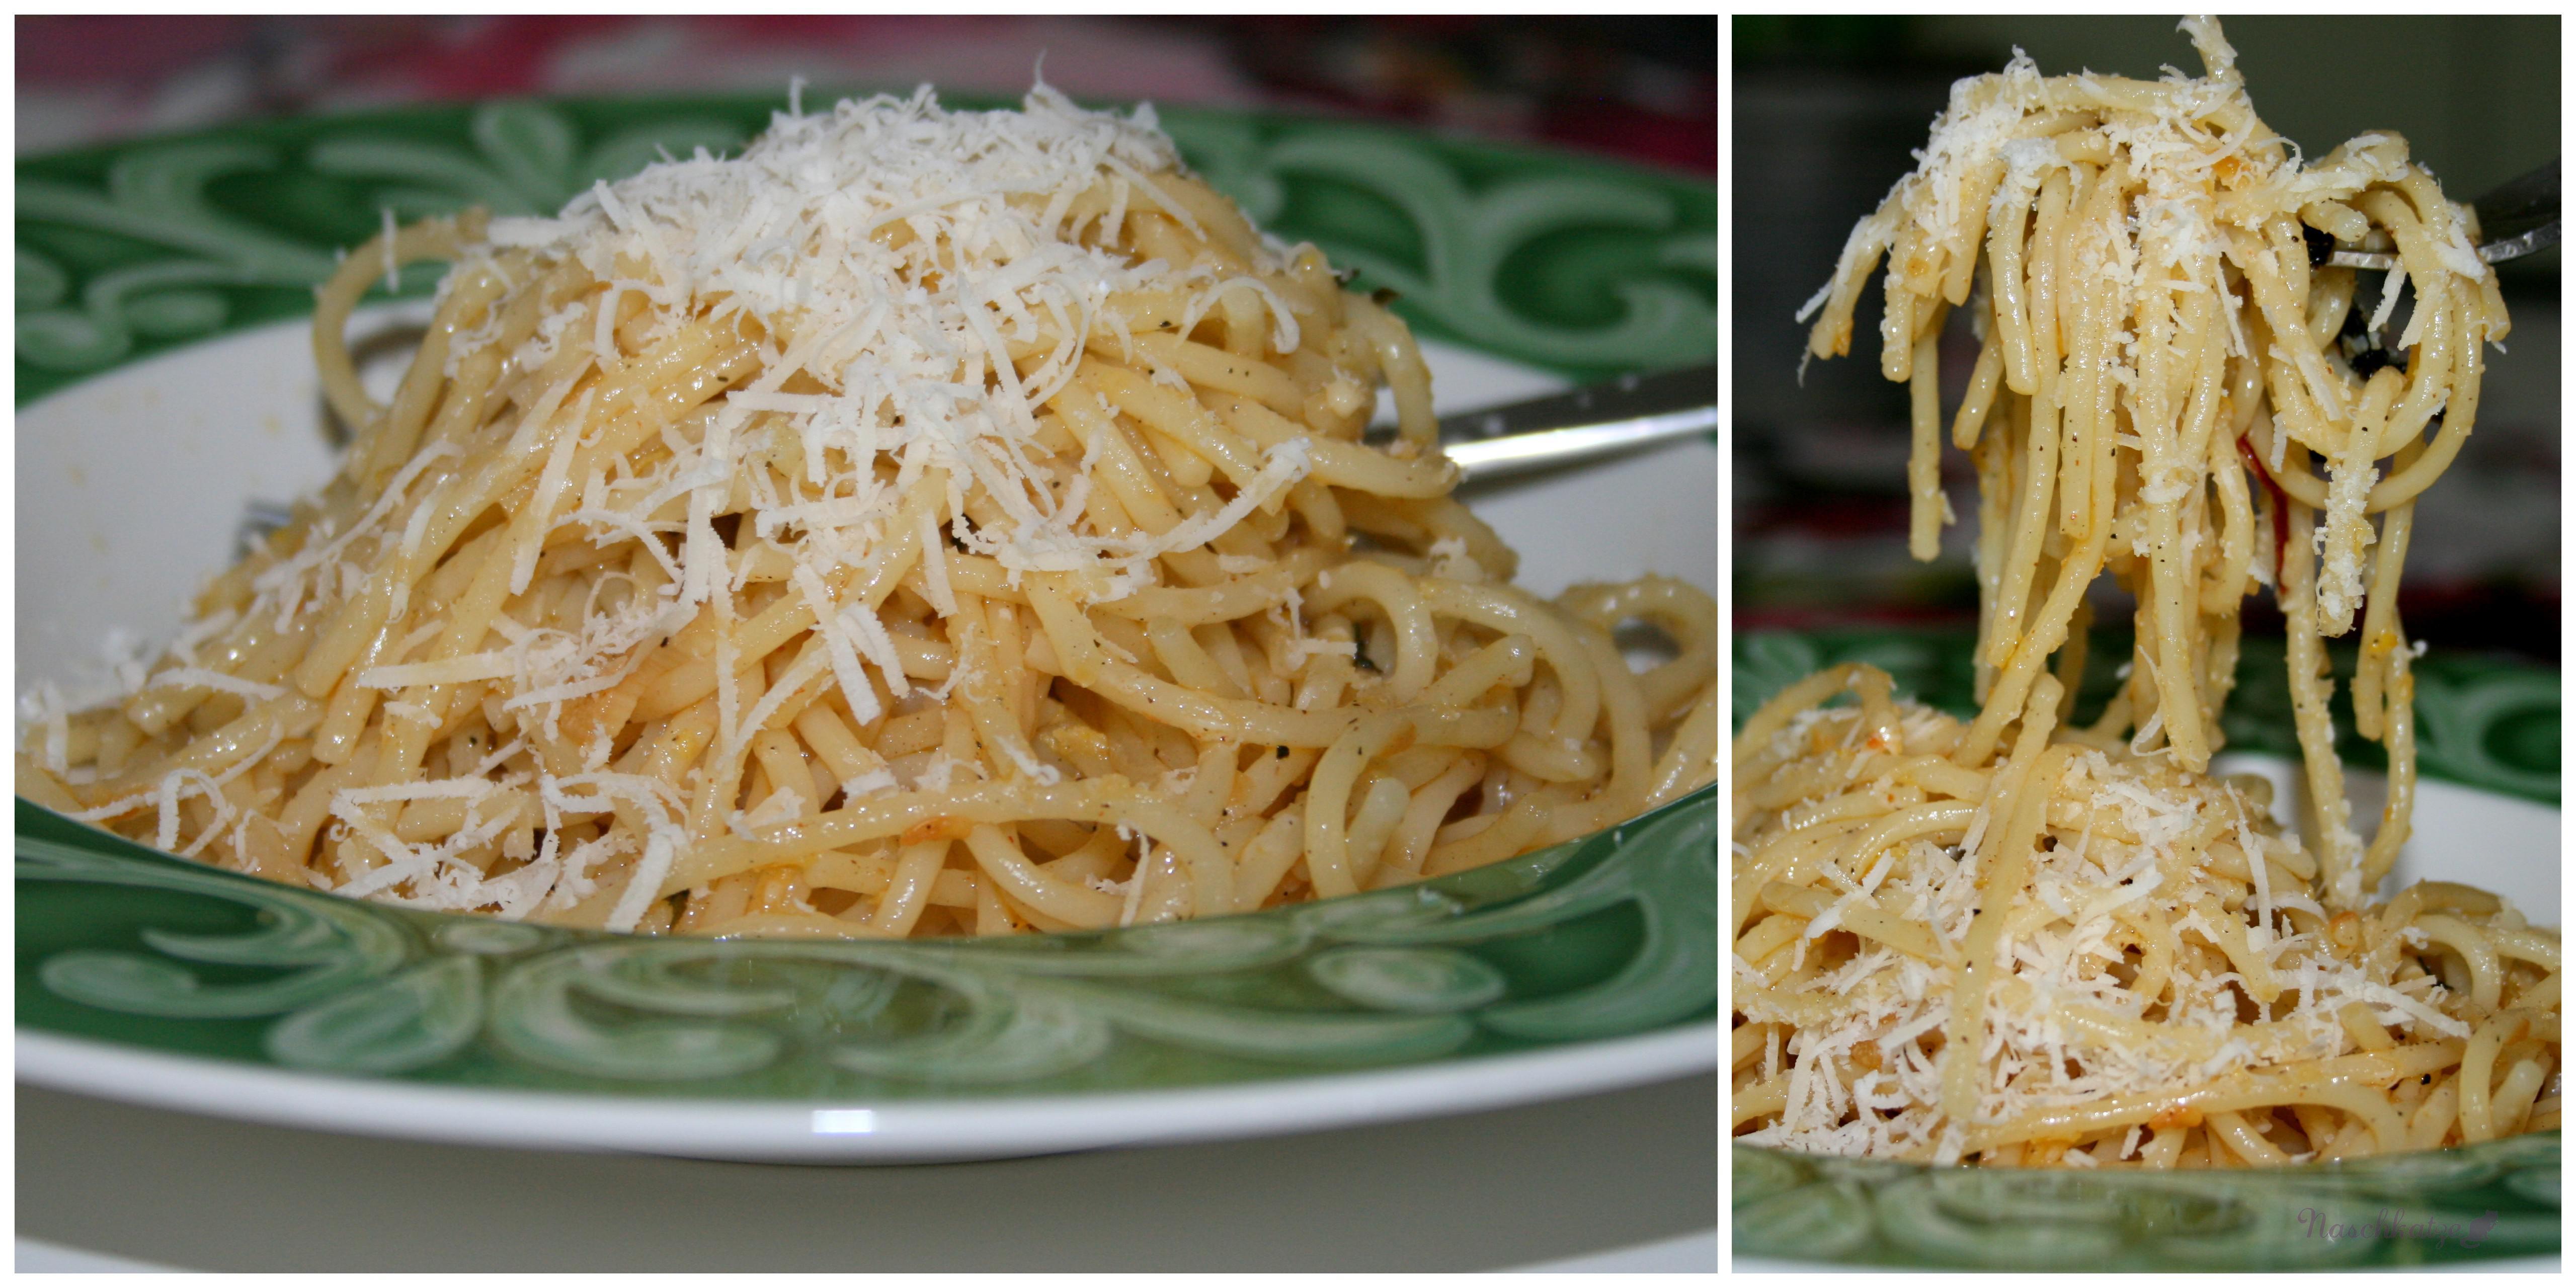 schnelles nudelgl ck parmesan spaghetti in zitronen knoblauch chili l naschkatze. Black Bedroom Furniture Sets. Home Design Ideas